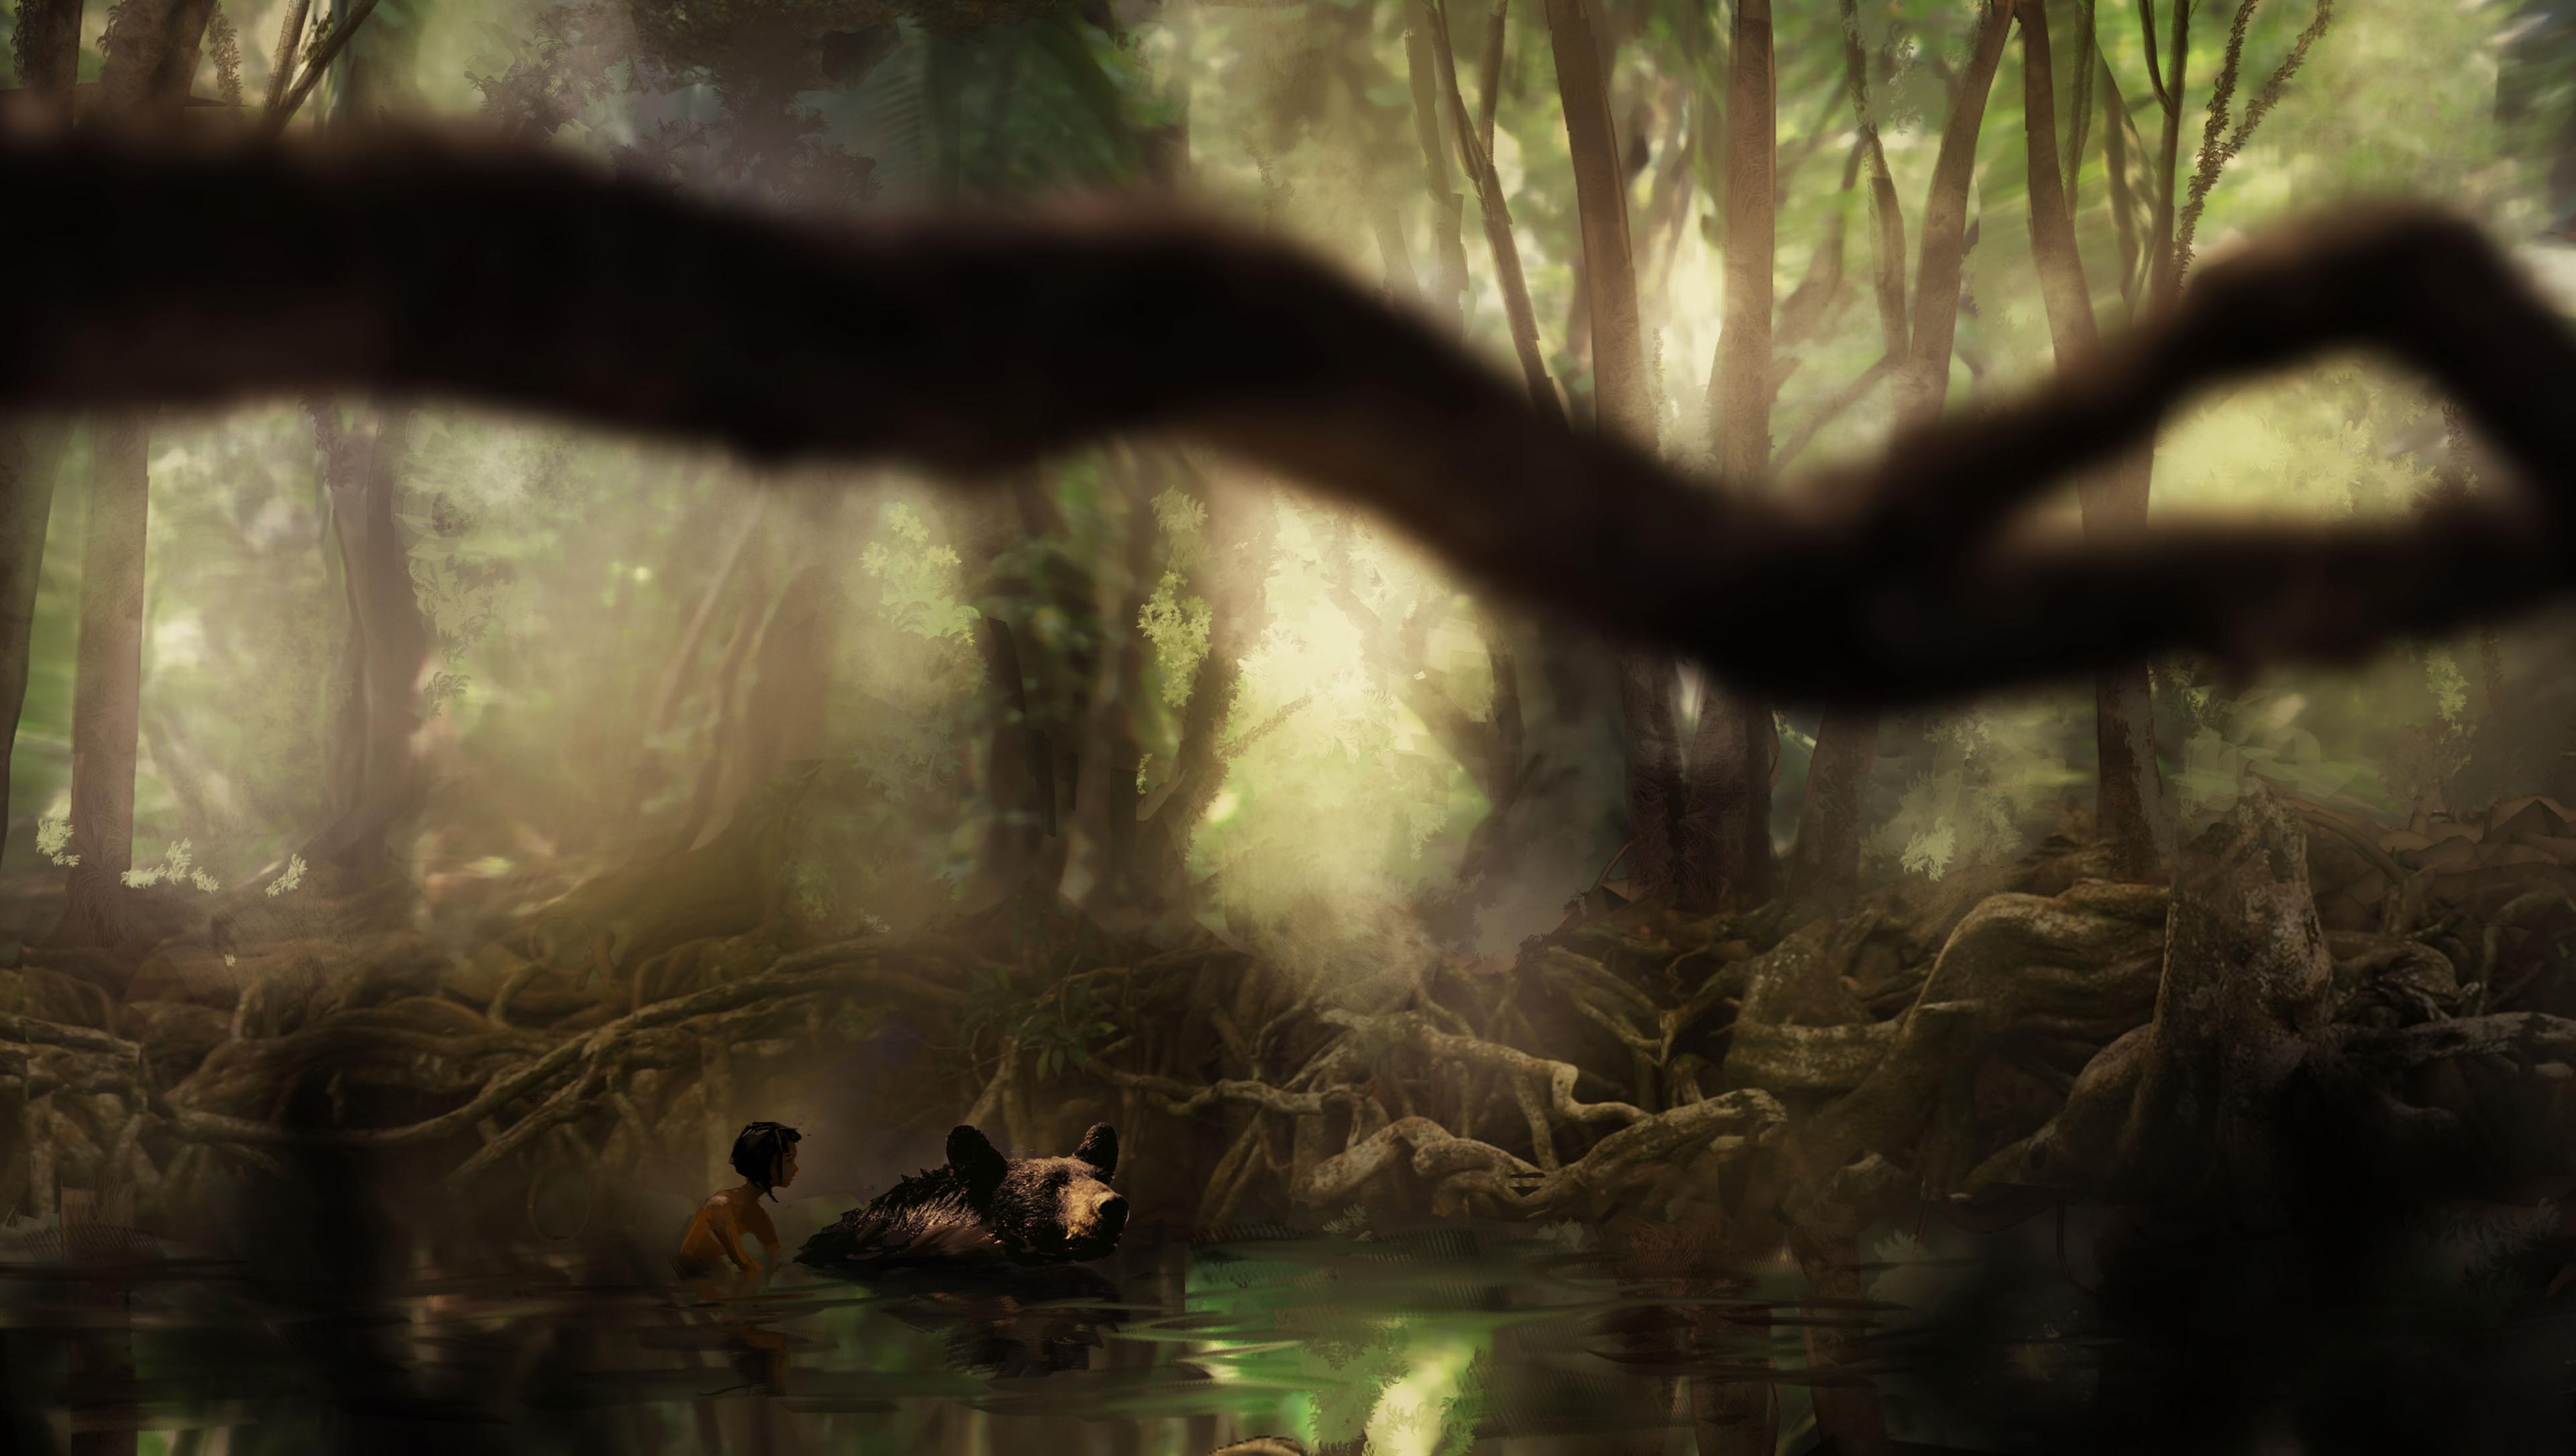 Le Livre de la Jungle [Disney - 2016] - Page 15 Andrew-leung-lazyriver-viewc2-v01-al-140804